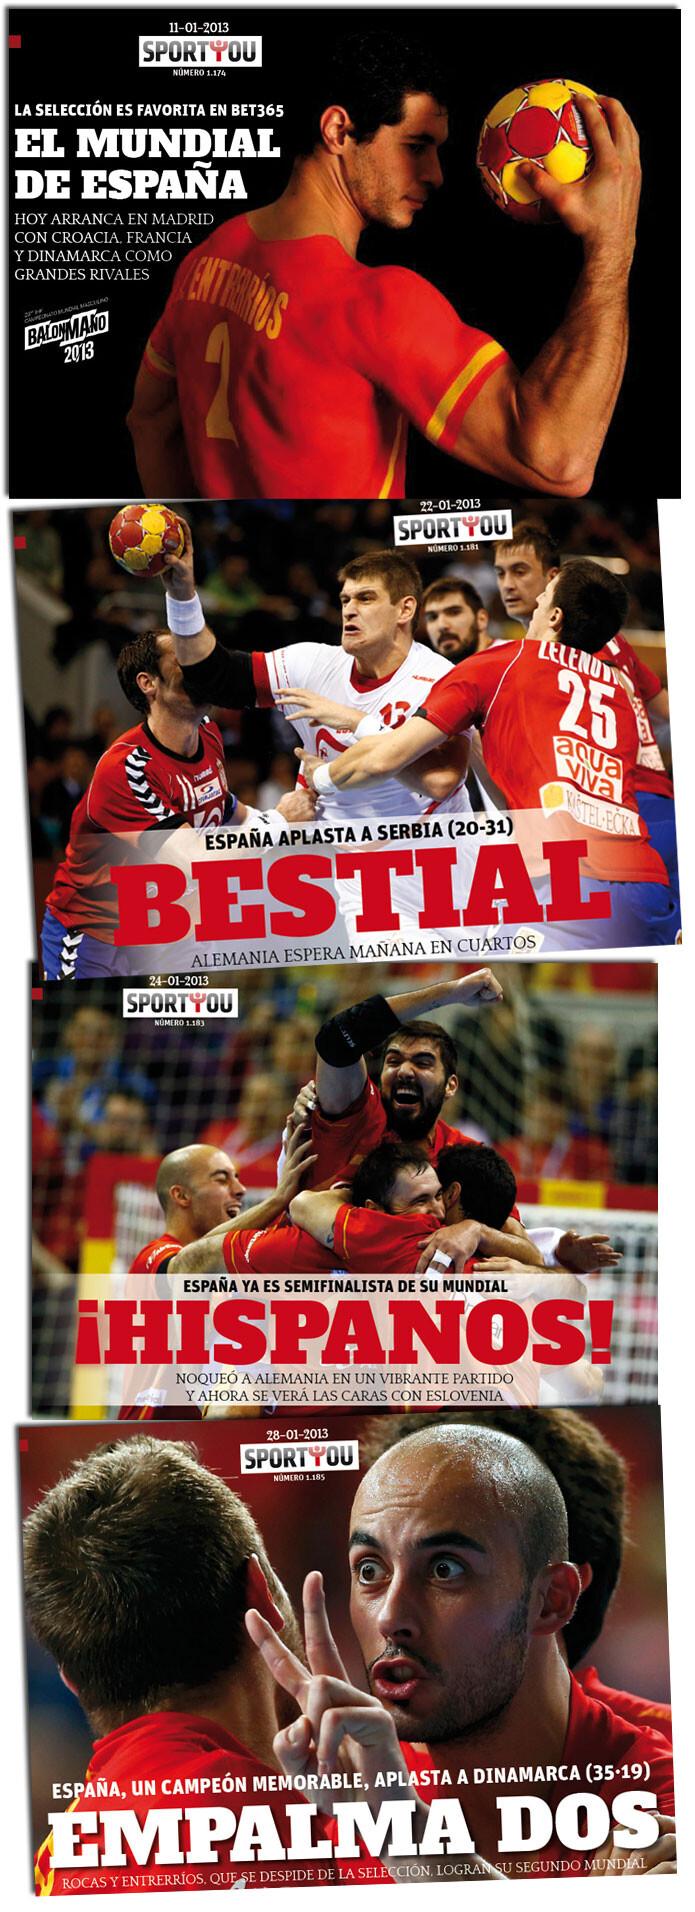 El Mundial de la Selección española de balonmano, a través de las portadas de Sportyou